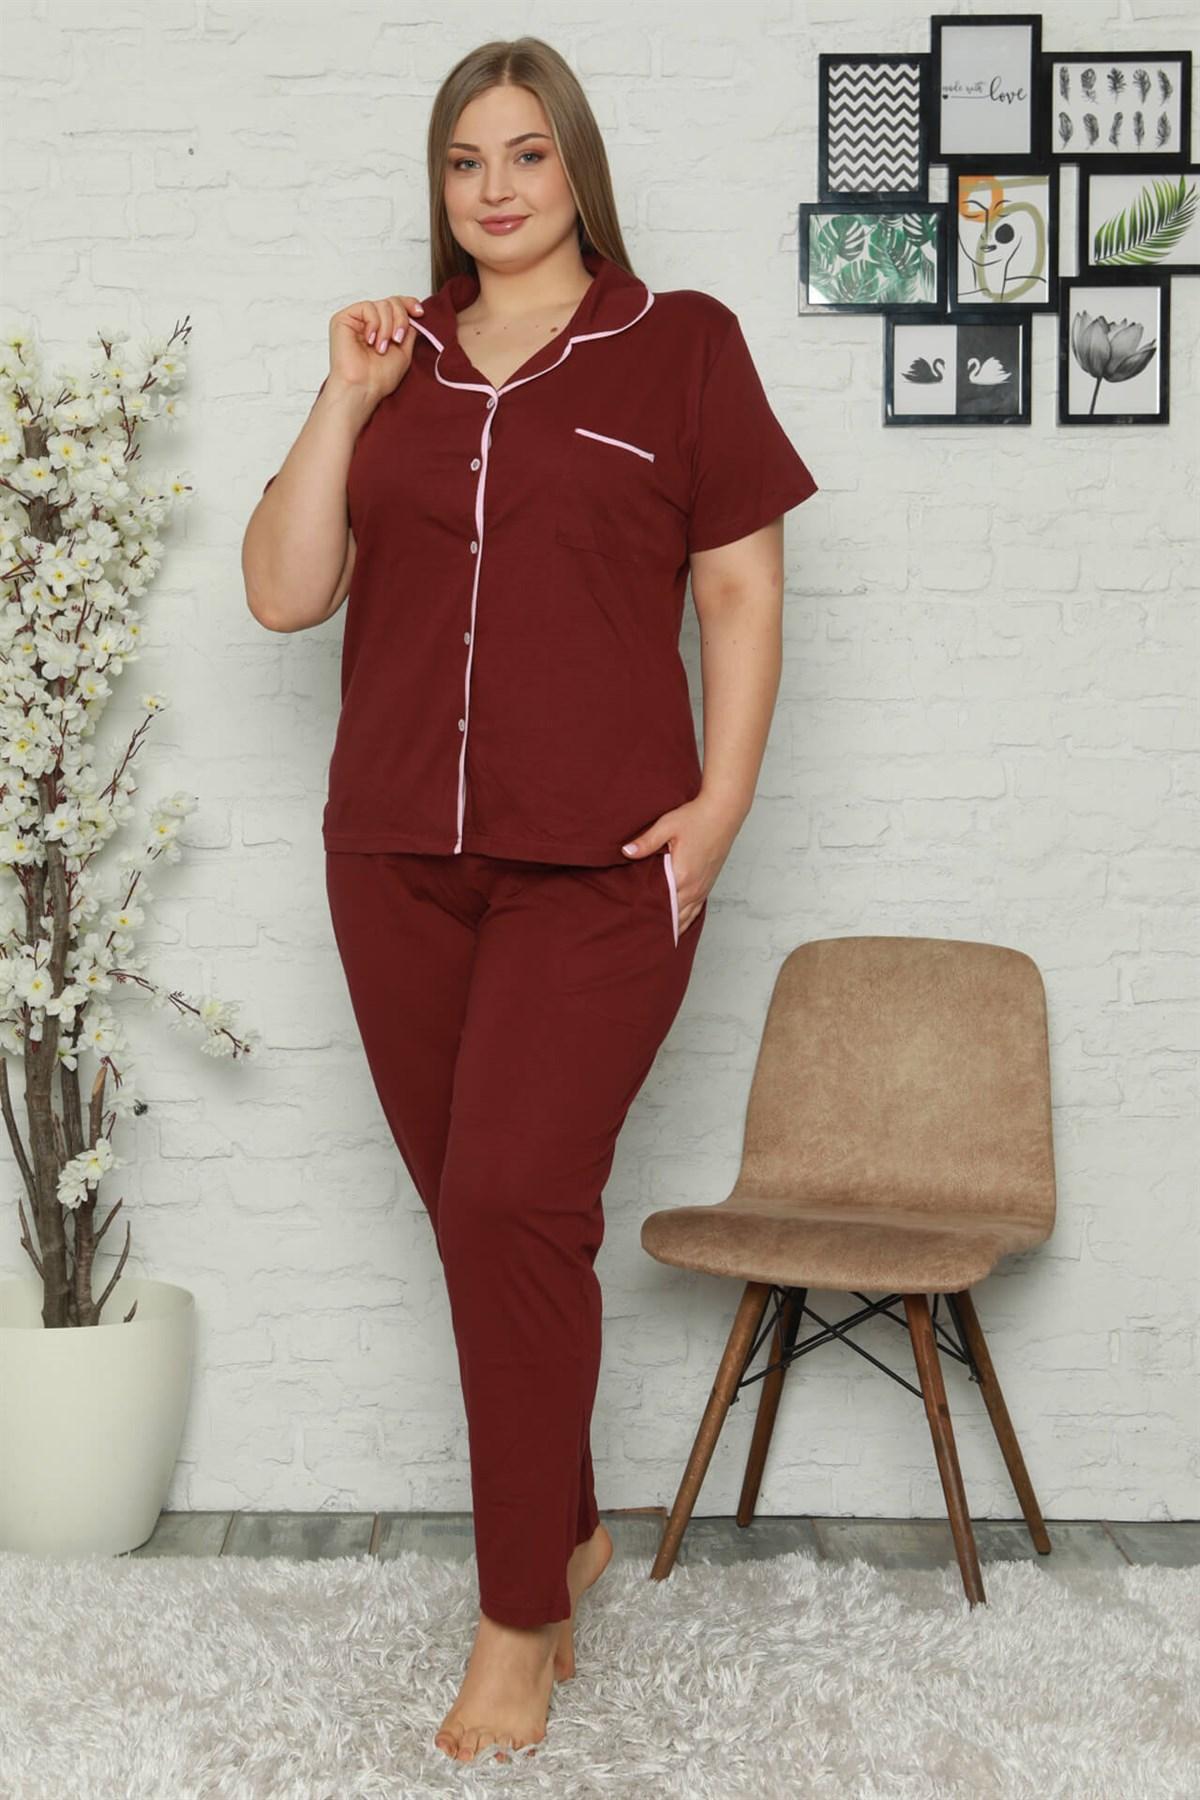 Moda Çizgi Kadın Pamuklu Cepli Kısa Kol Büyük Beden Pijama Takım 202063